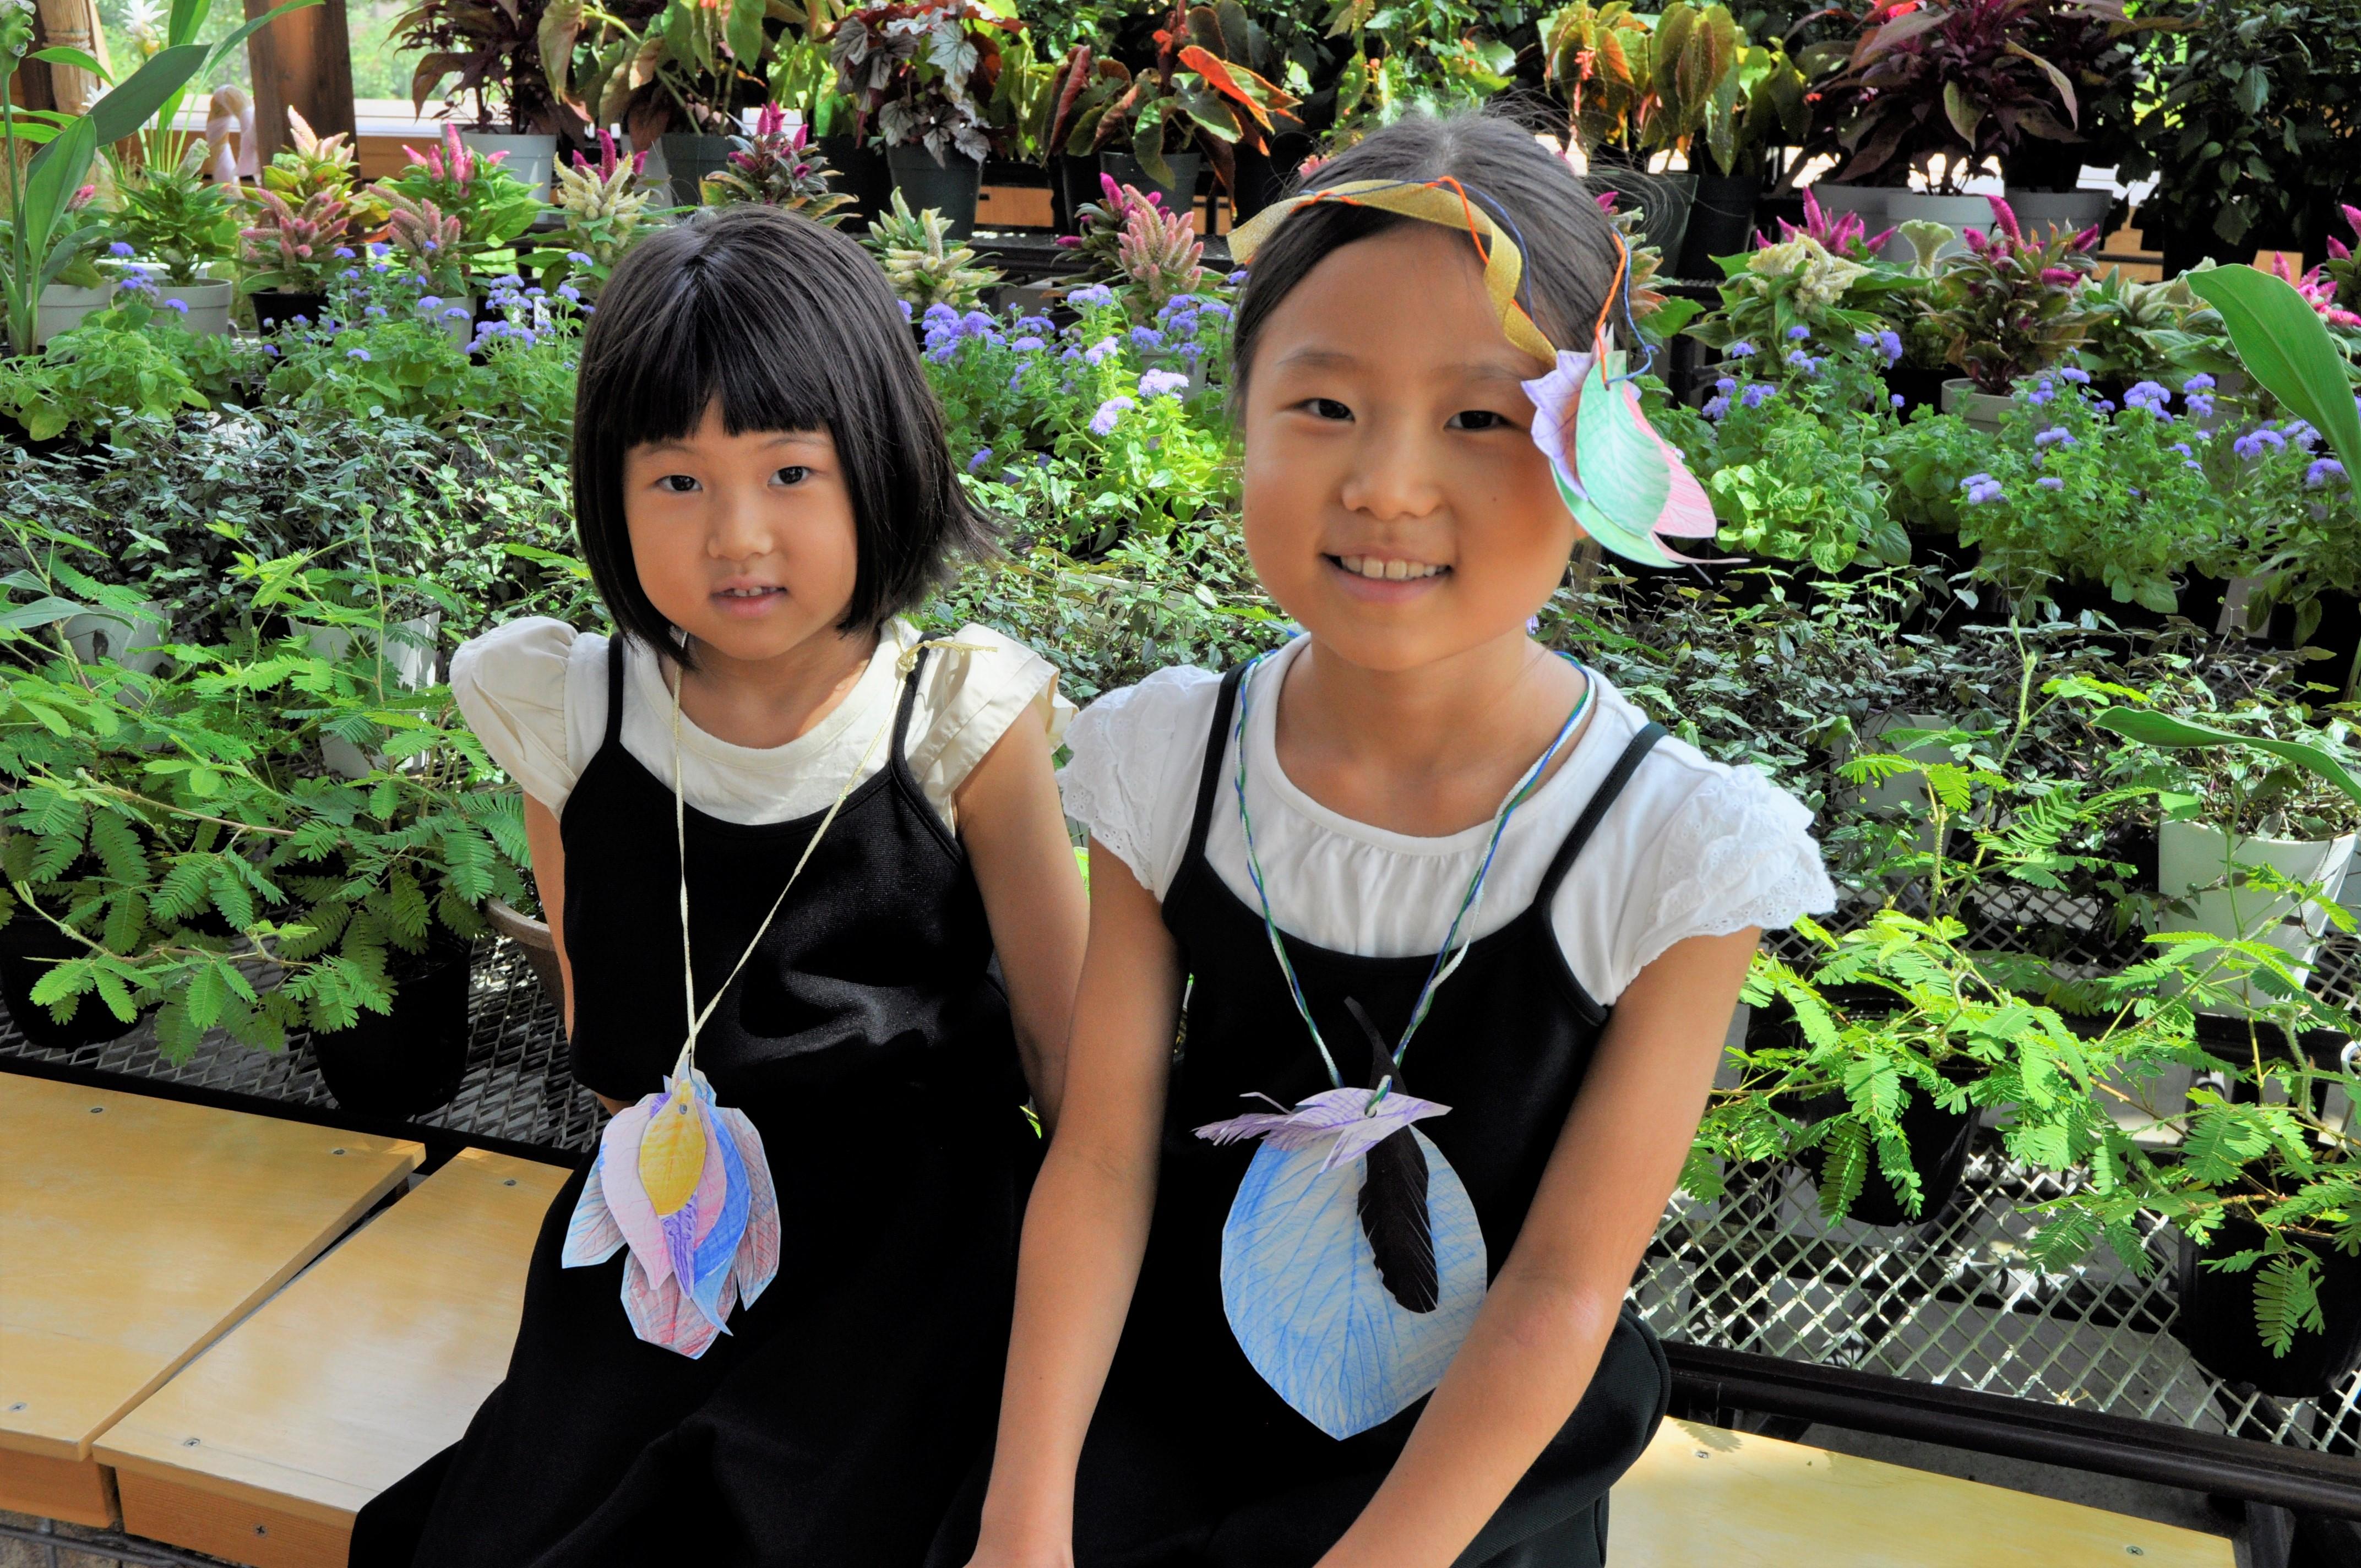 10月7日(日)花育ランド【葉っぱで遊ぼう】収穫祭